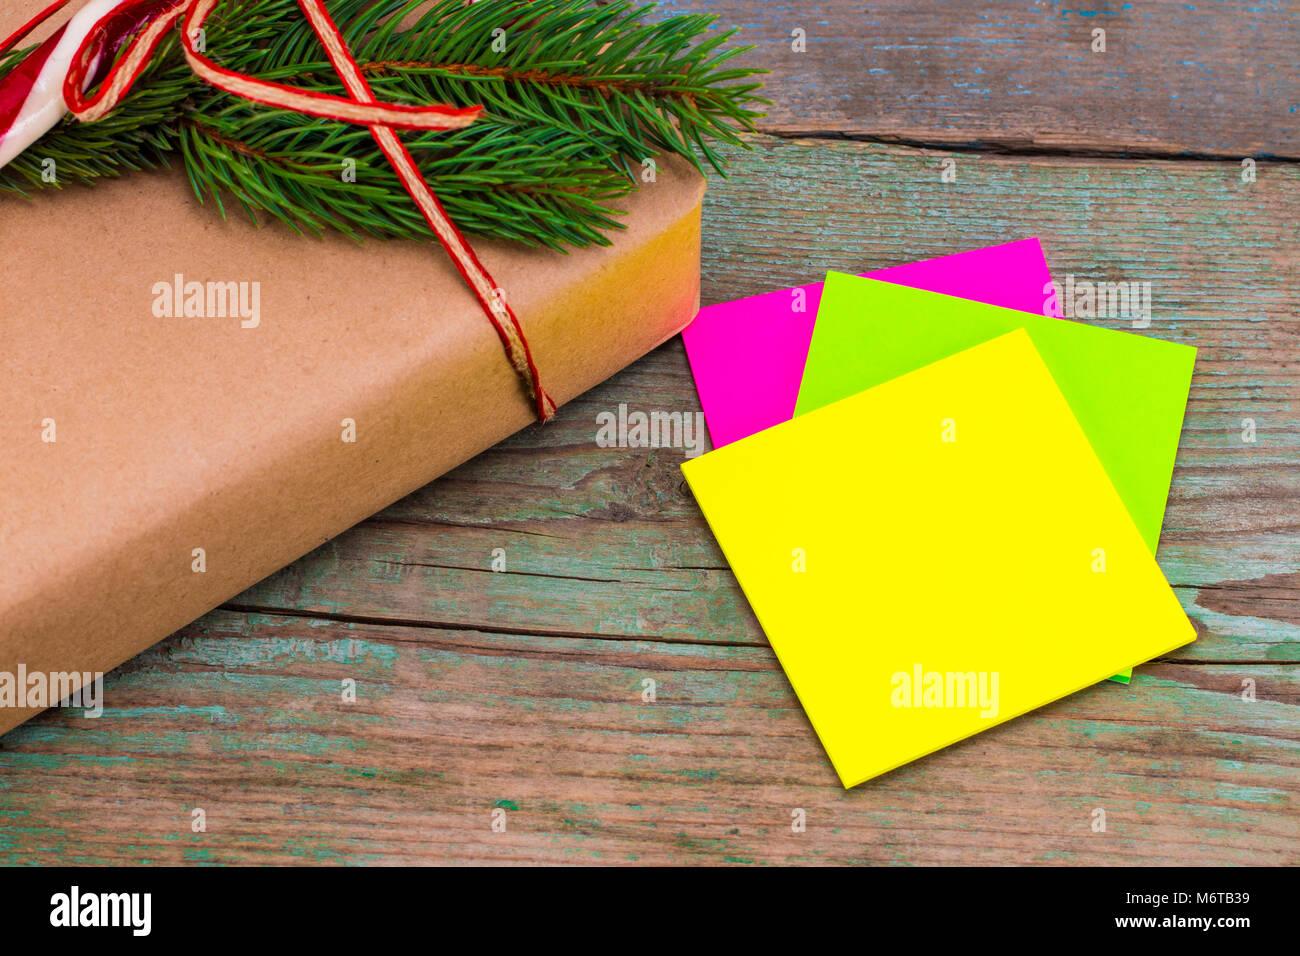 Scatole Per Regali Di Natale.Decorazione Di Natale Scatole Con I Regali Di Natale Con Una Nota